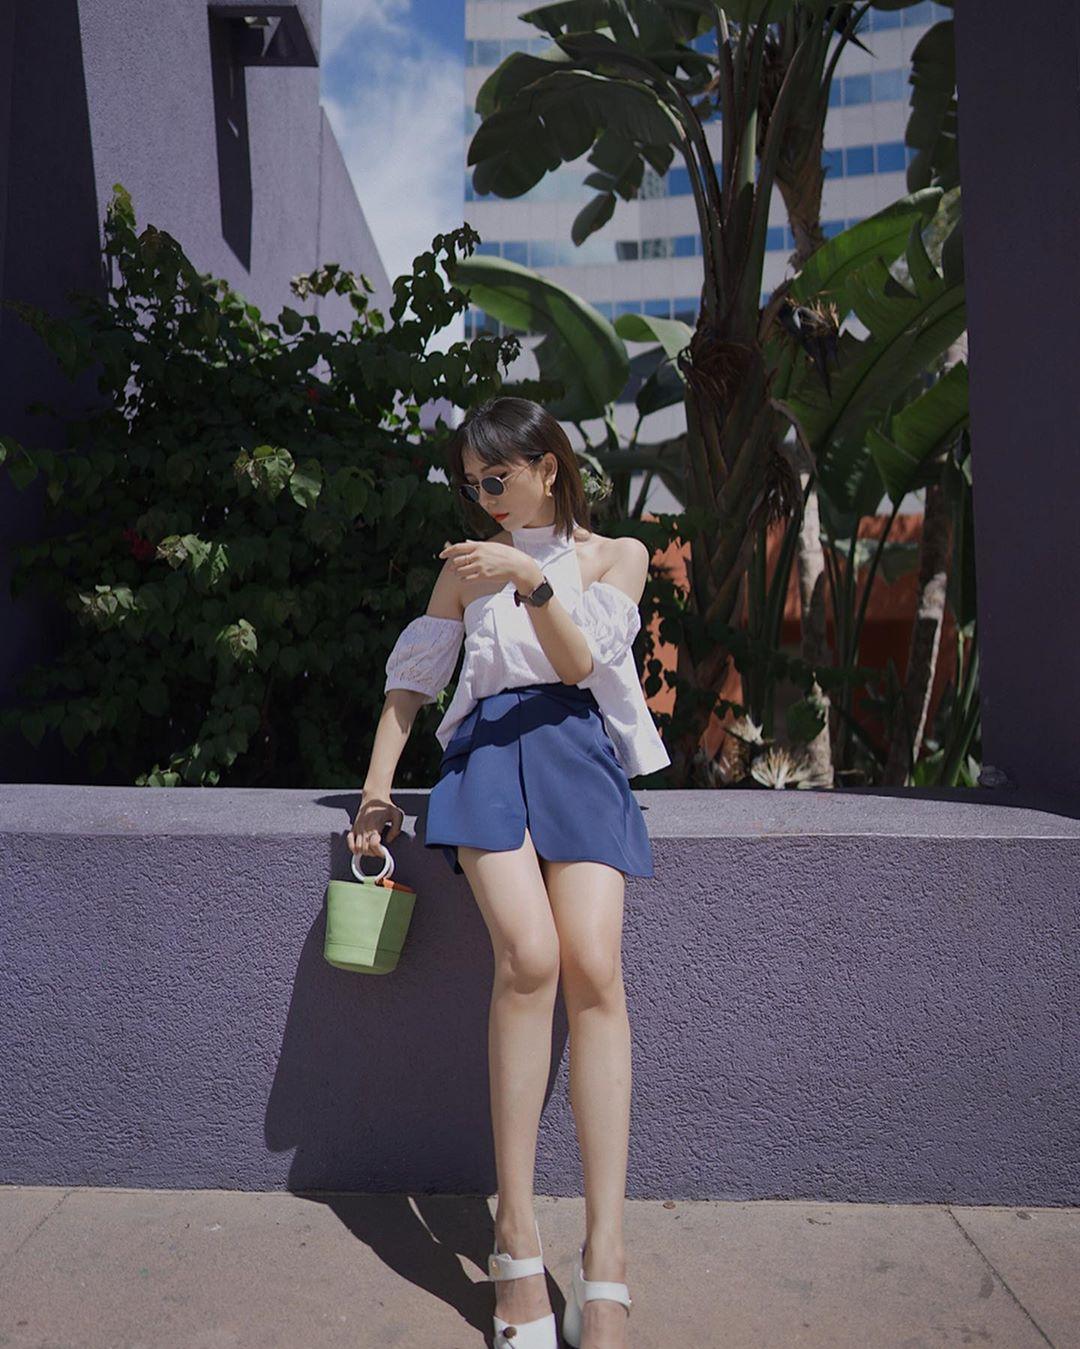 Áo yếm tay phồng màu trắng phối cùng quần shorts xanh